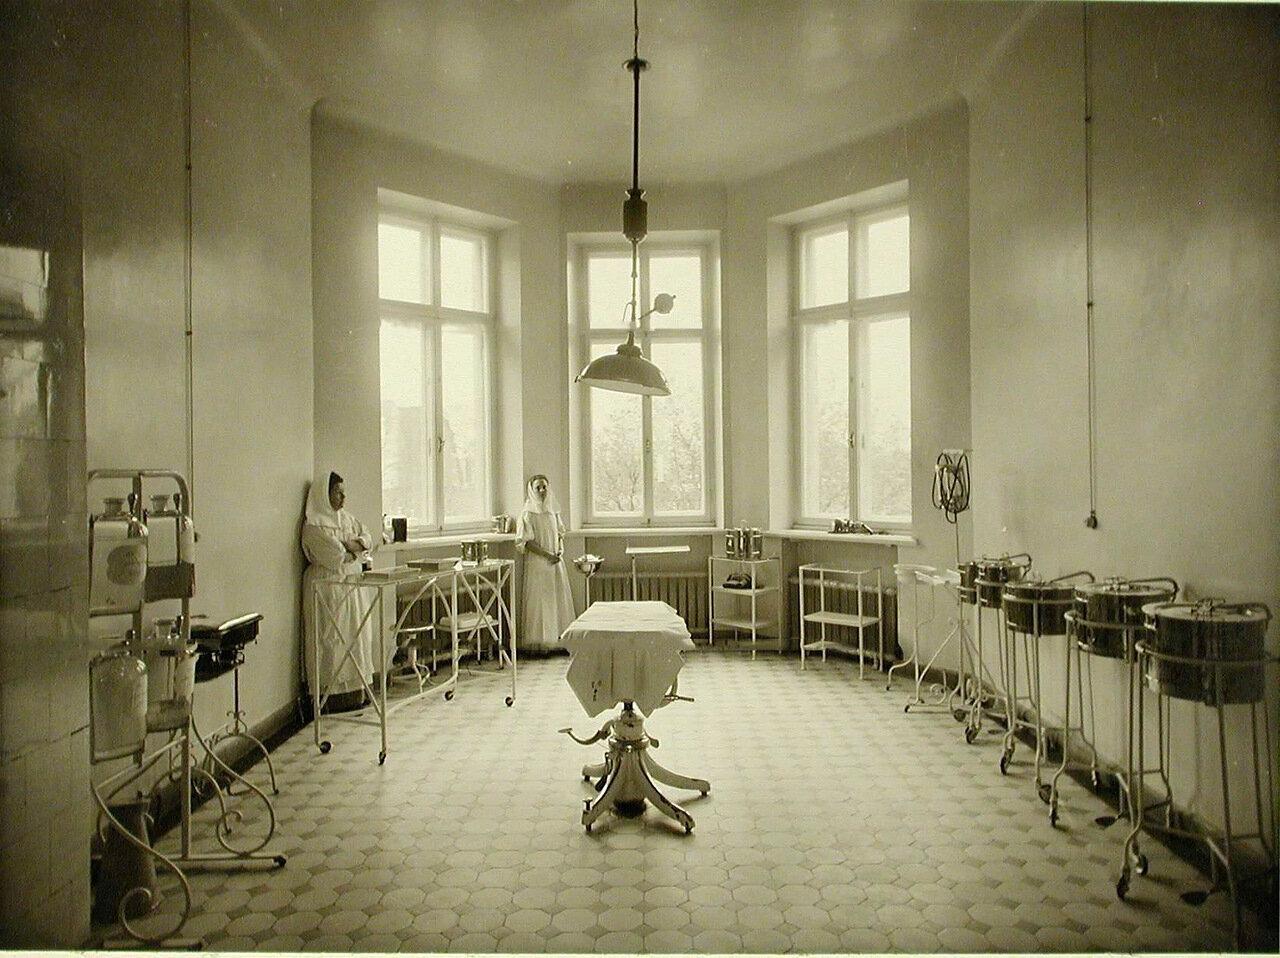 09. Вид операционной в здании больницы